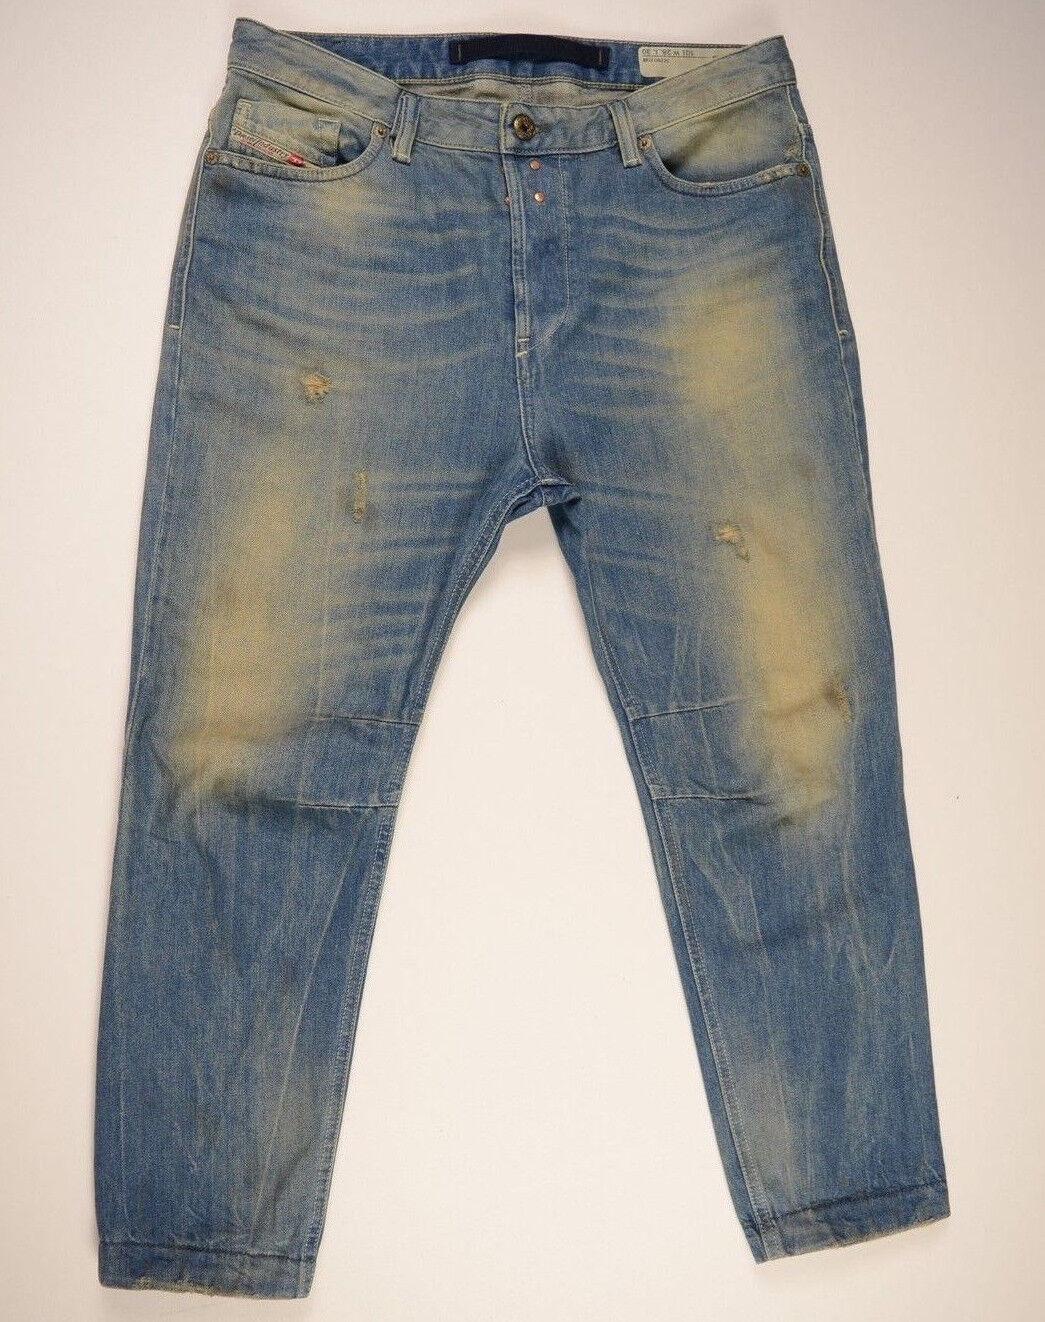 DIESEL Jeans Destroy 'EAZEE 0822C RELAXED-BOYFRIEND' W28 L30 AU10 US6 Womens